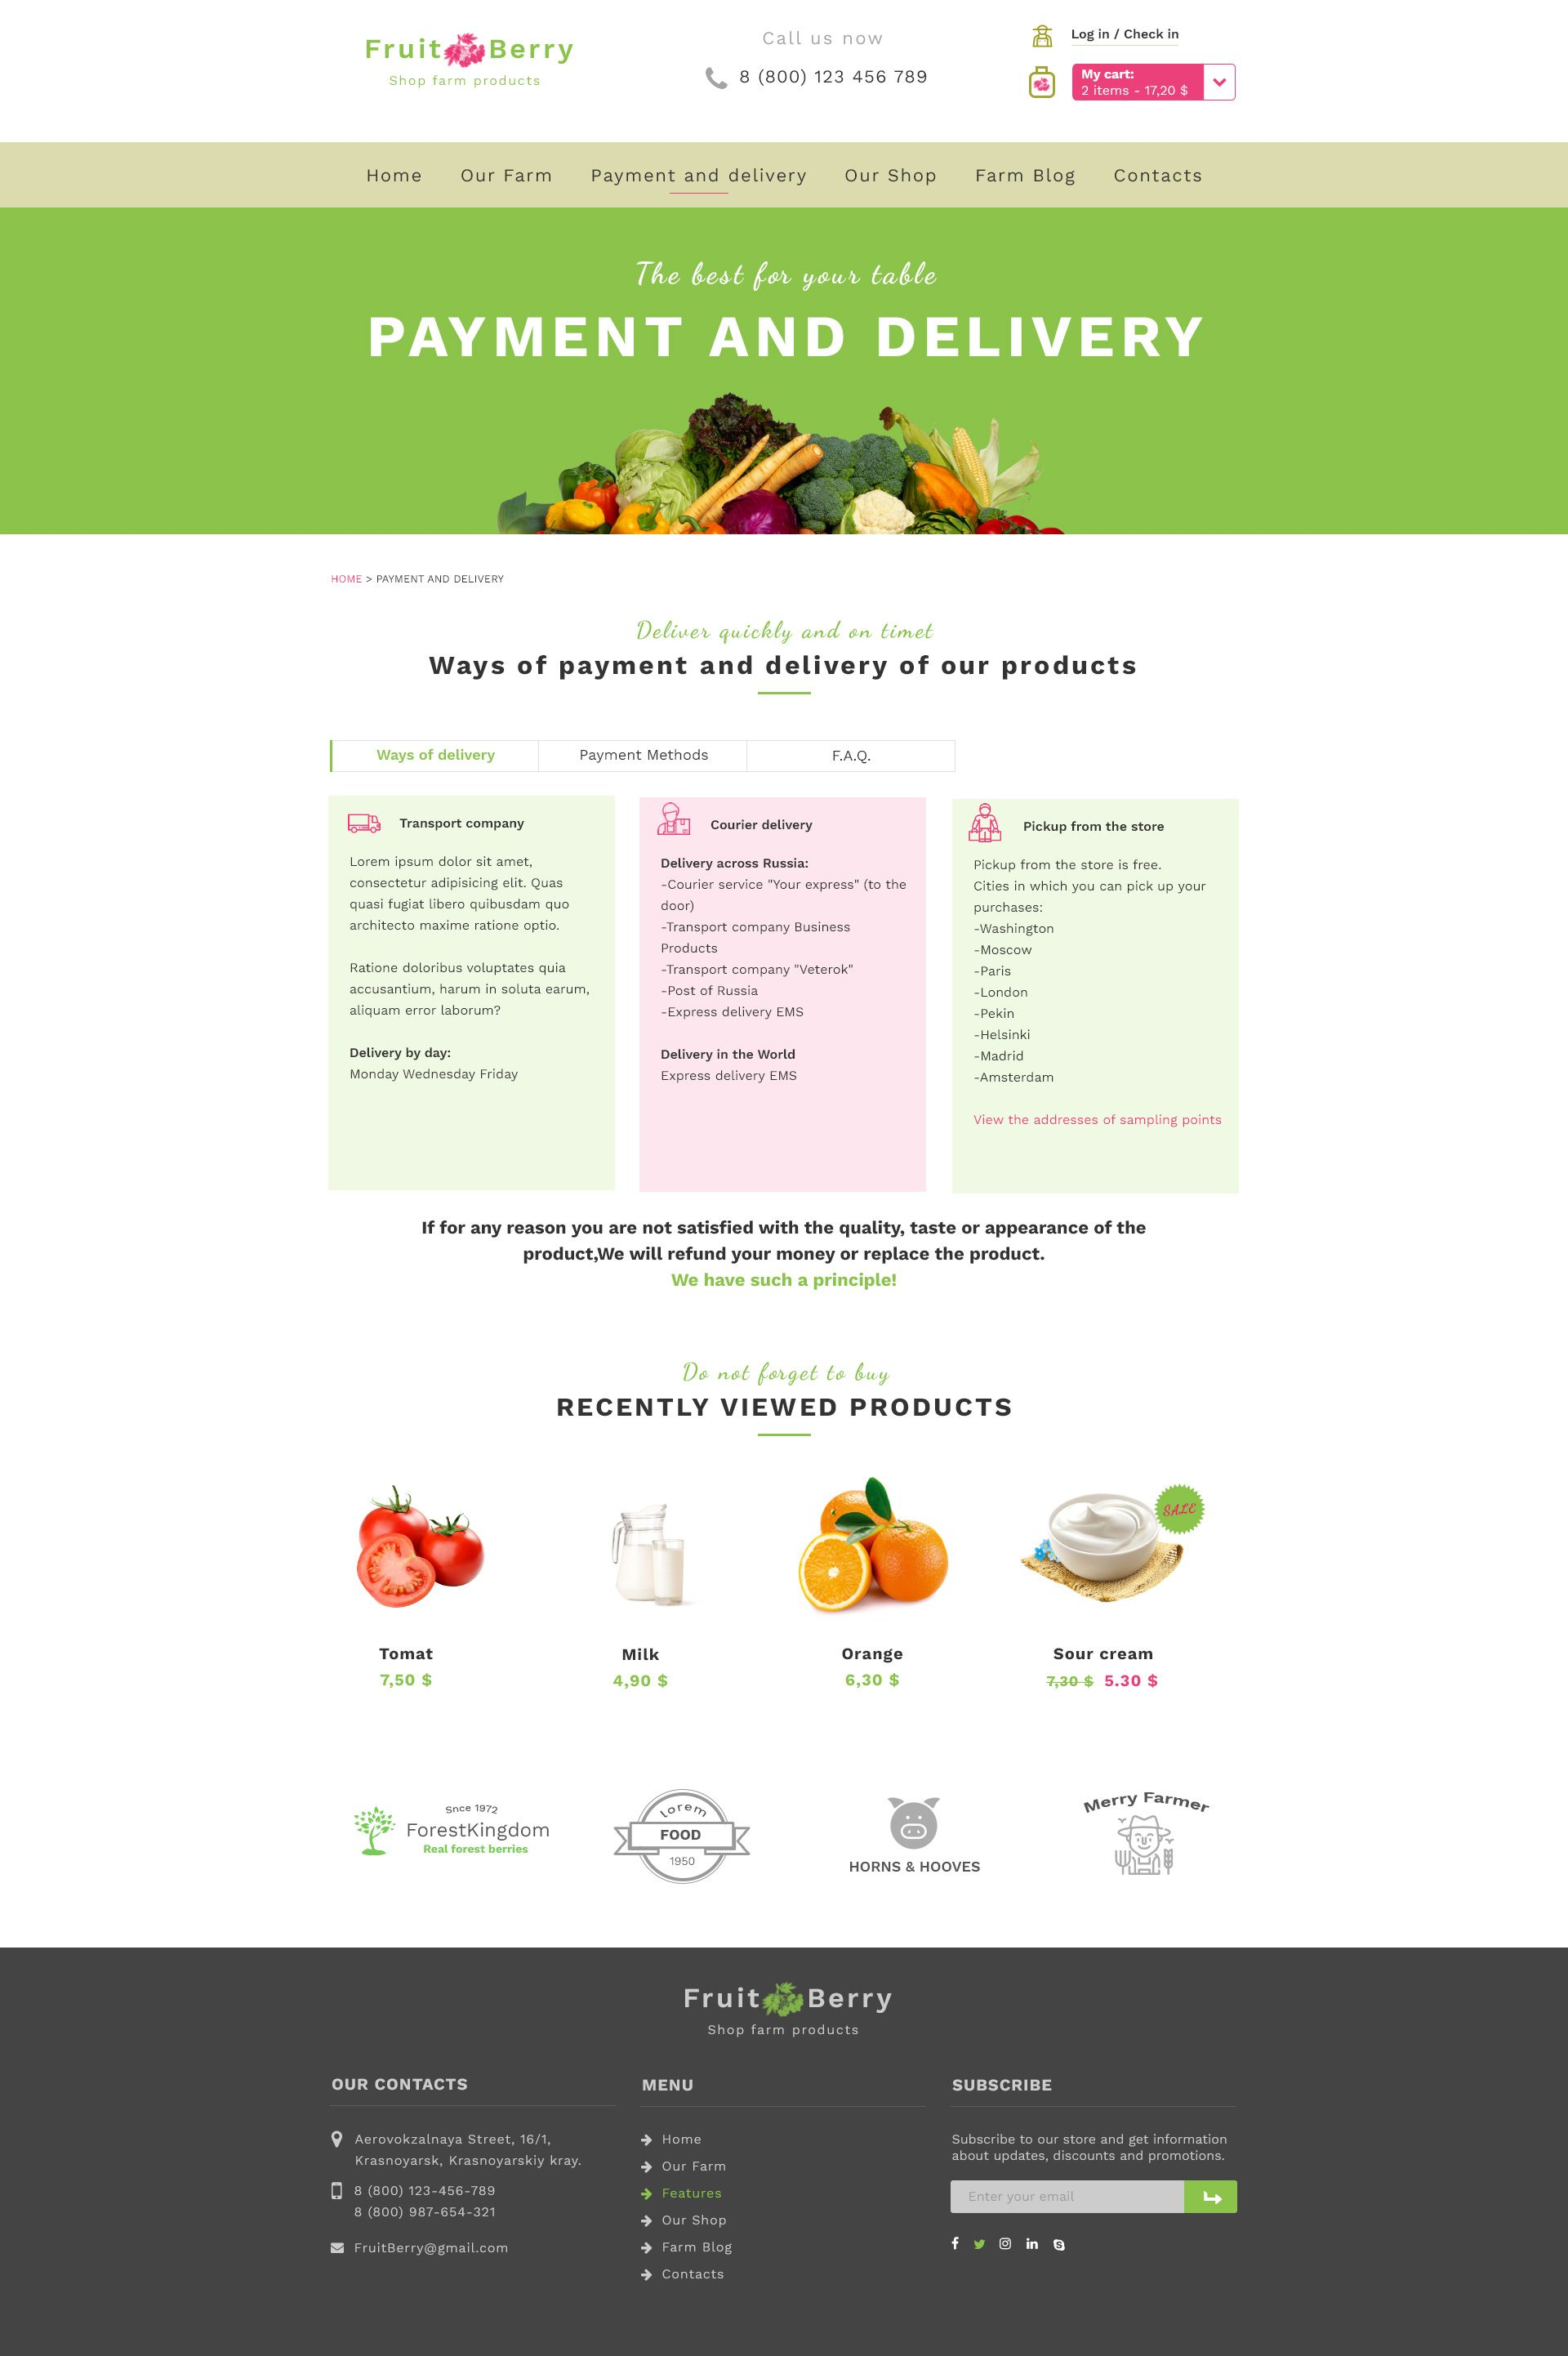 Fruit & Berry shop farm products Berries, Fruit, Farm